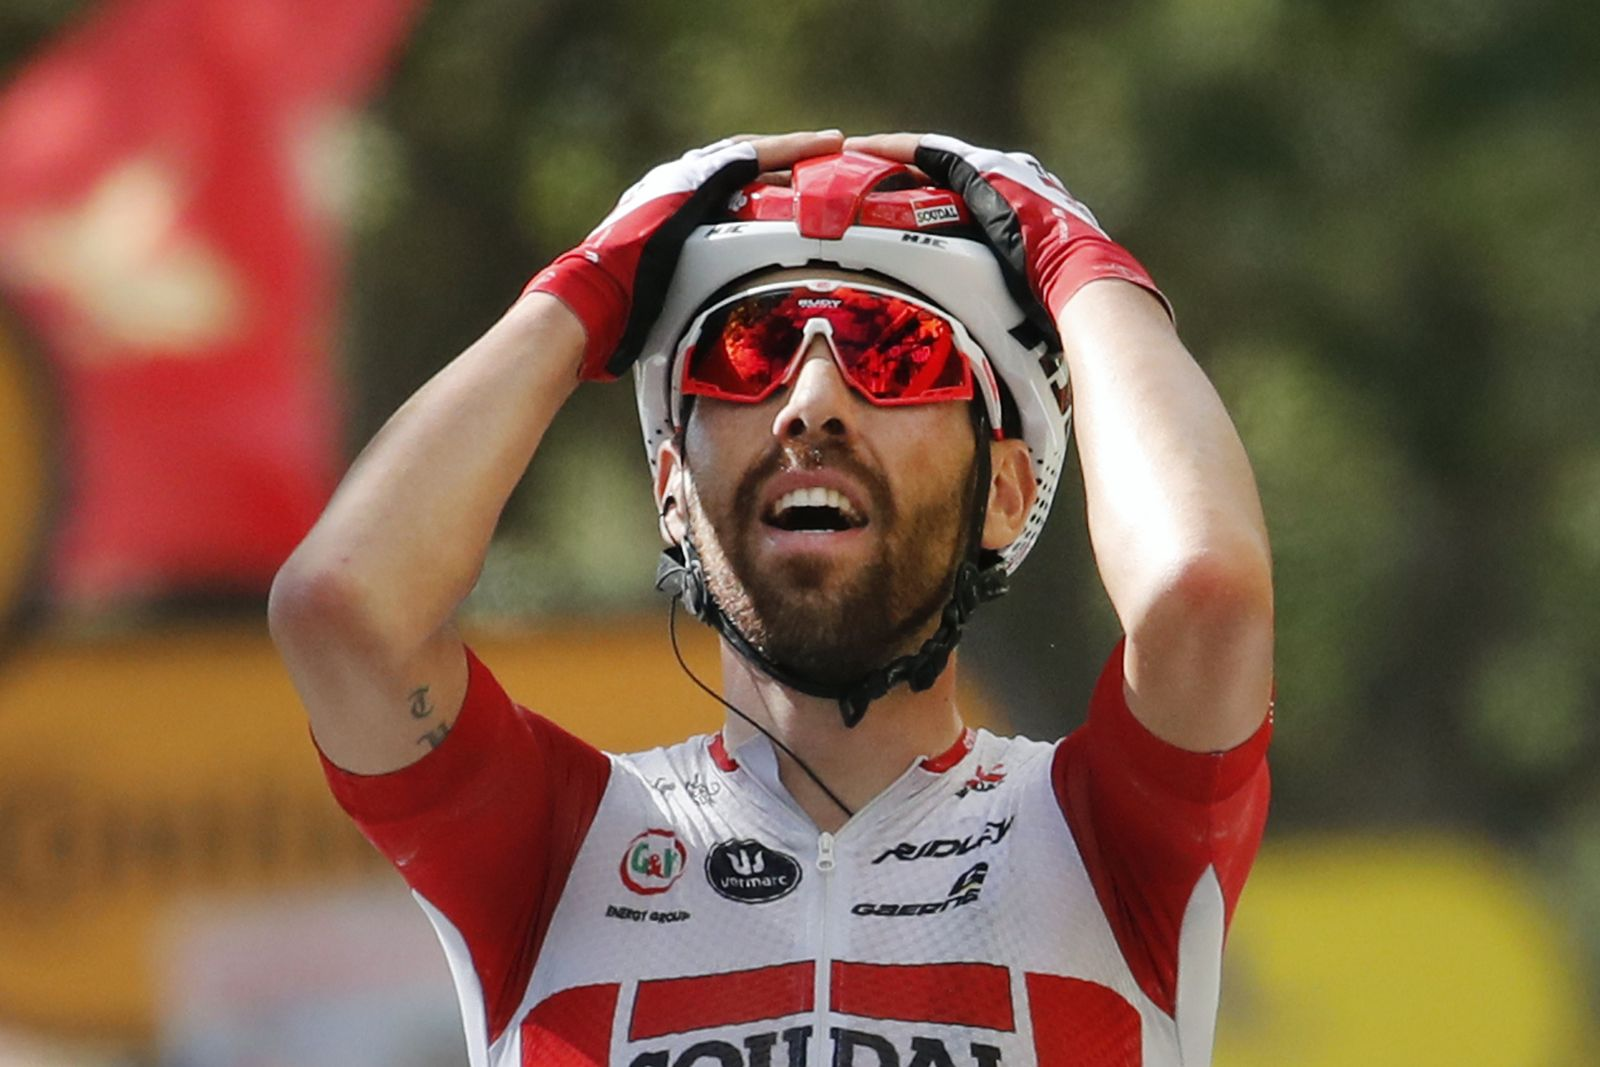 France Cycling Tour de France Thomas De Gendt